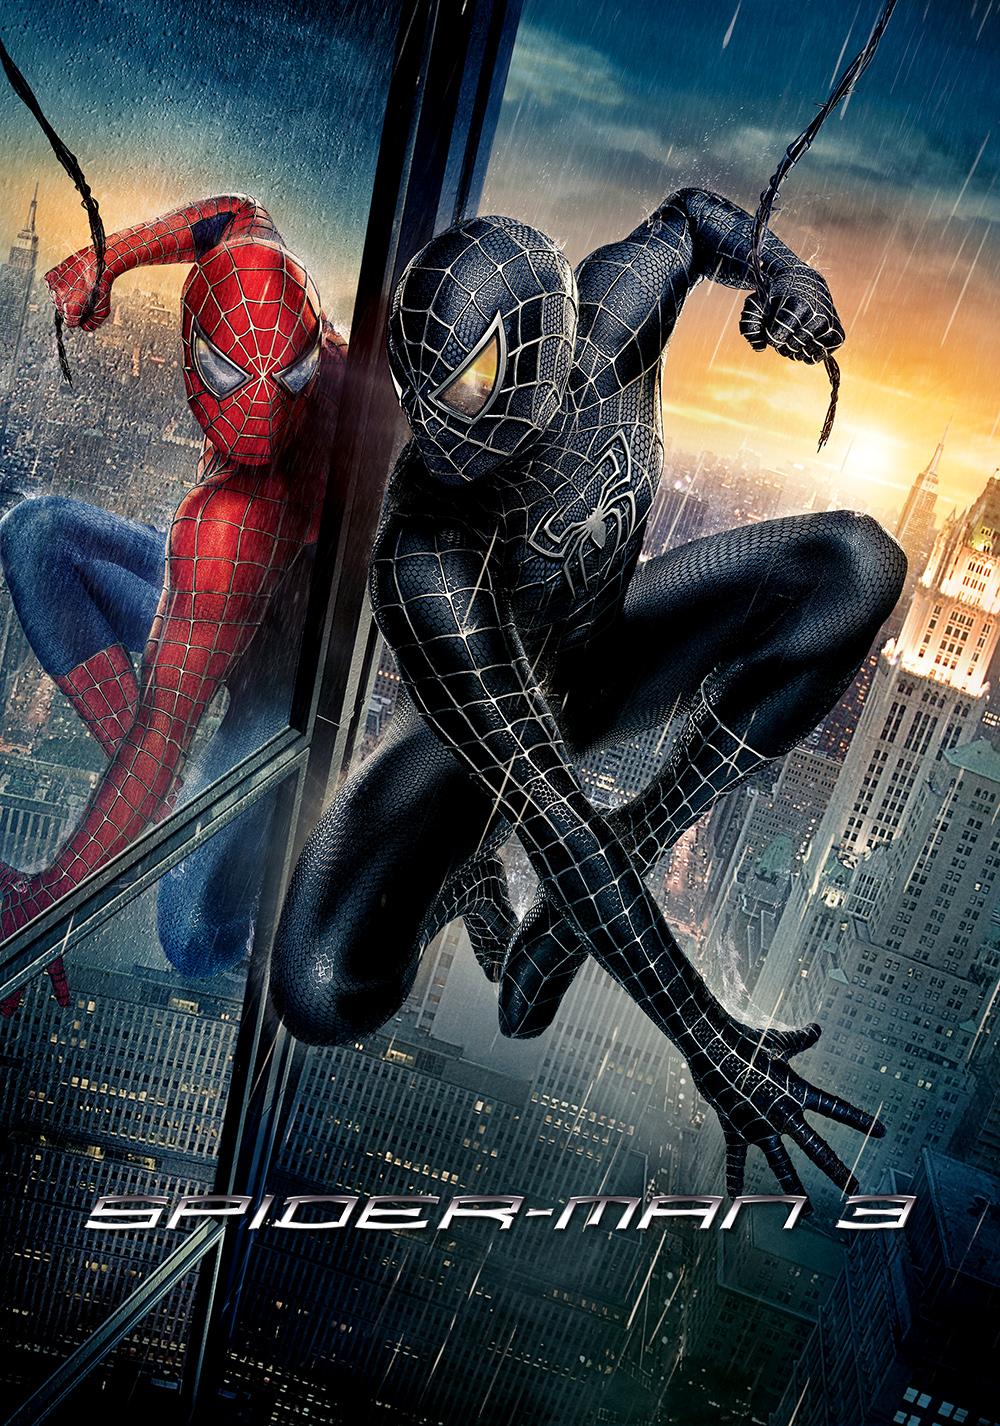 spider man 3 movie fanart. Black Bedroom Furniture Sets. Home Design Ideas